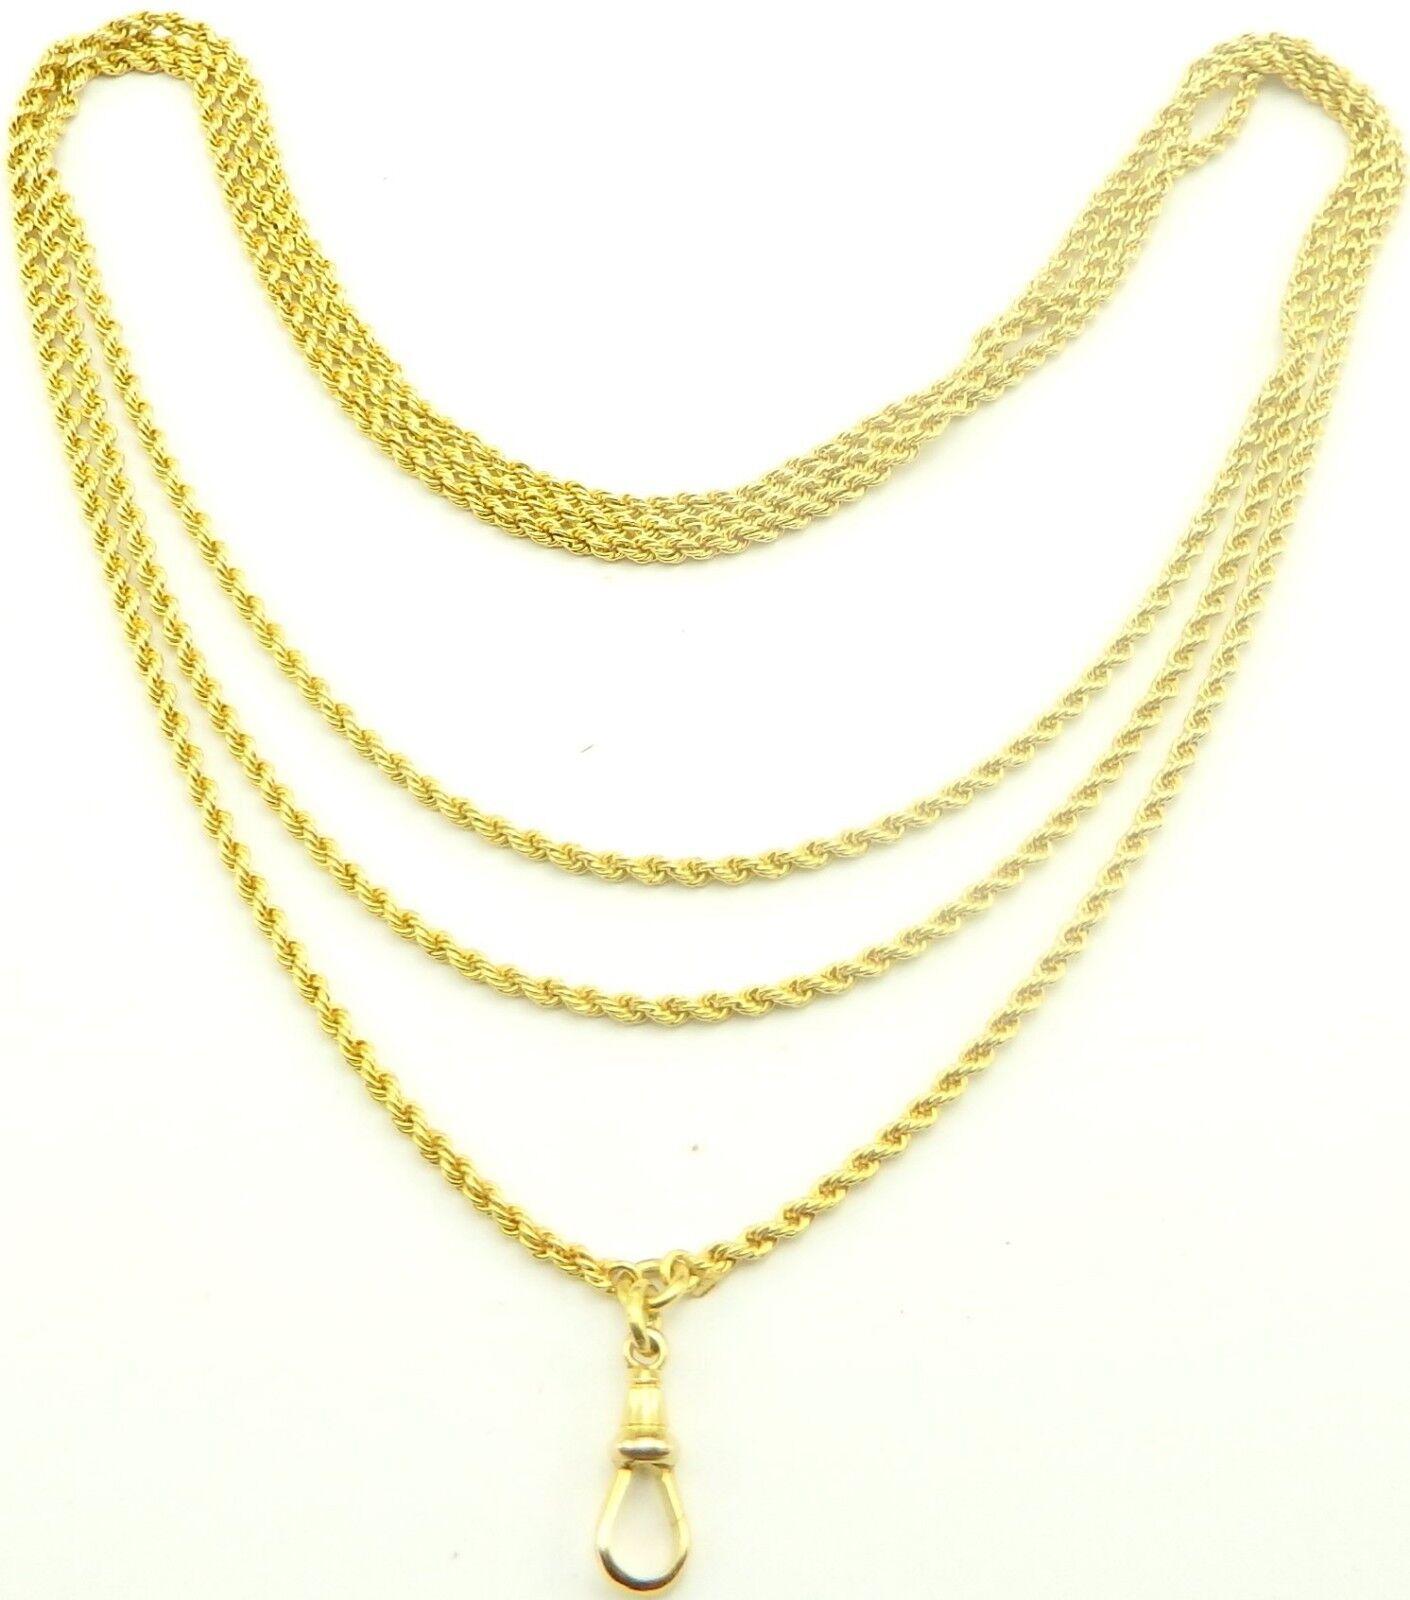 Antico 54 54 54 pollici 9ct oro Giallo MANICOTTO Guardia orologio Collana Catena pesa 32.2gm 520d92